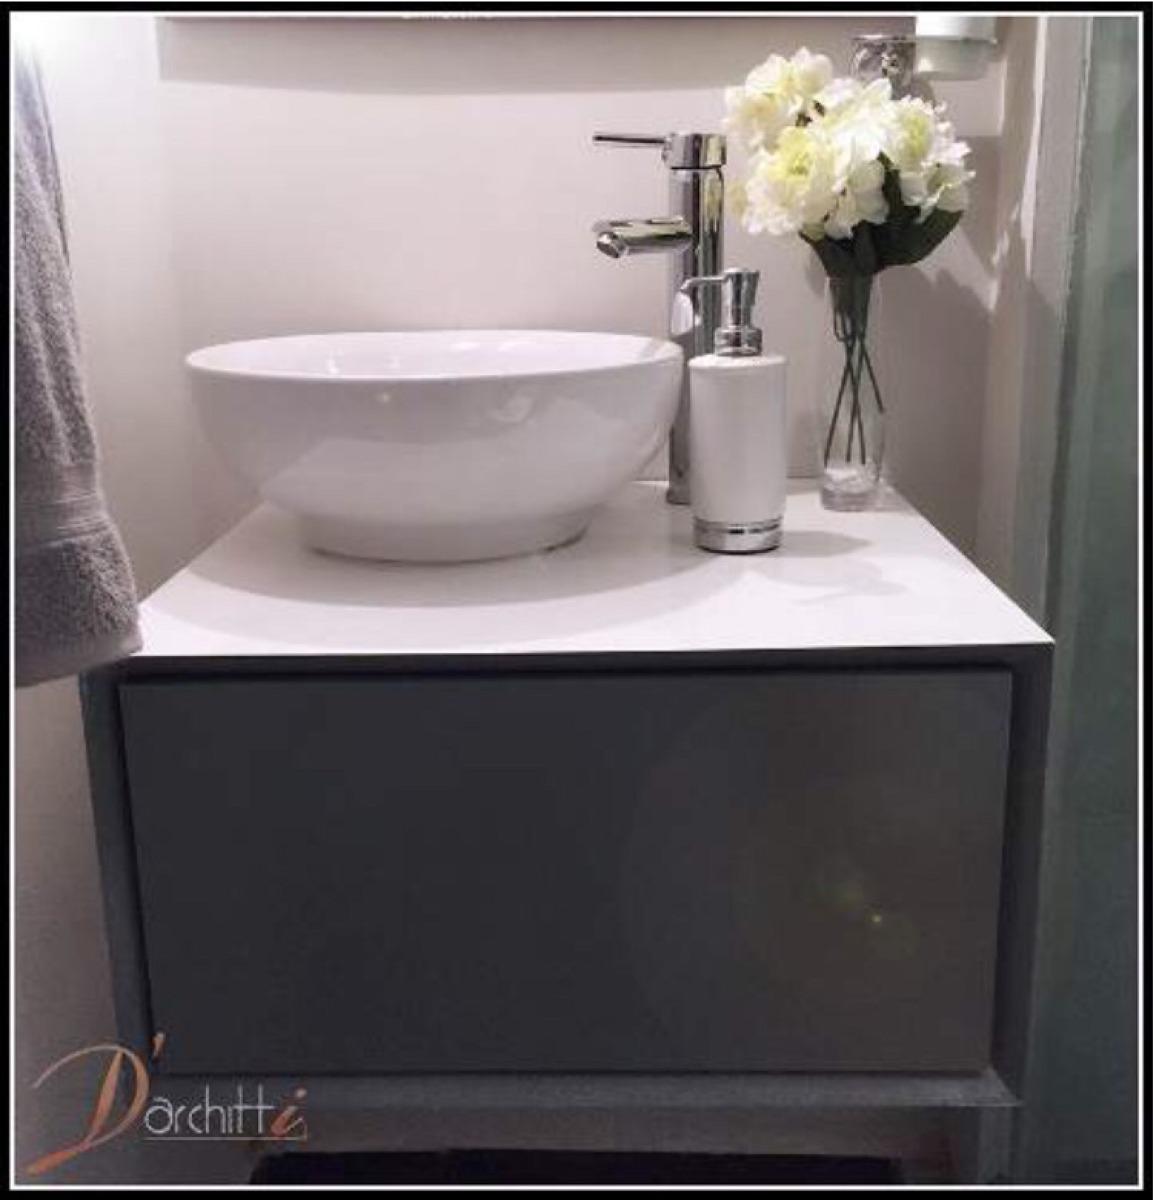 Mueble de ba o empotrar minimalista moderno ovalin for Imagenes de muebles de bano